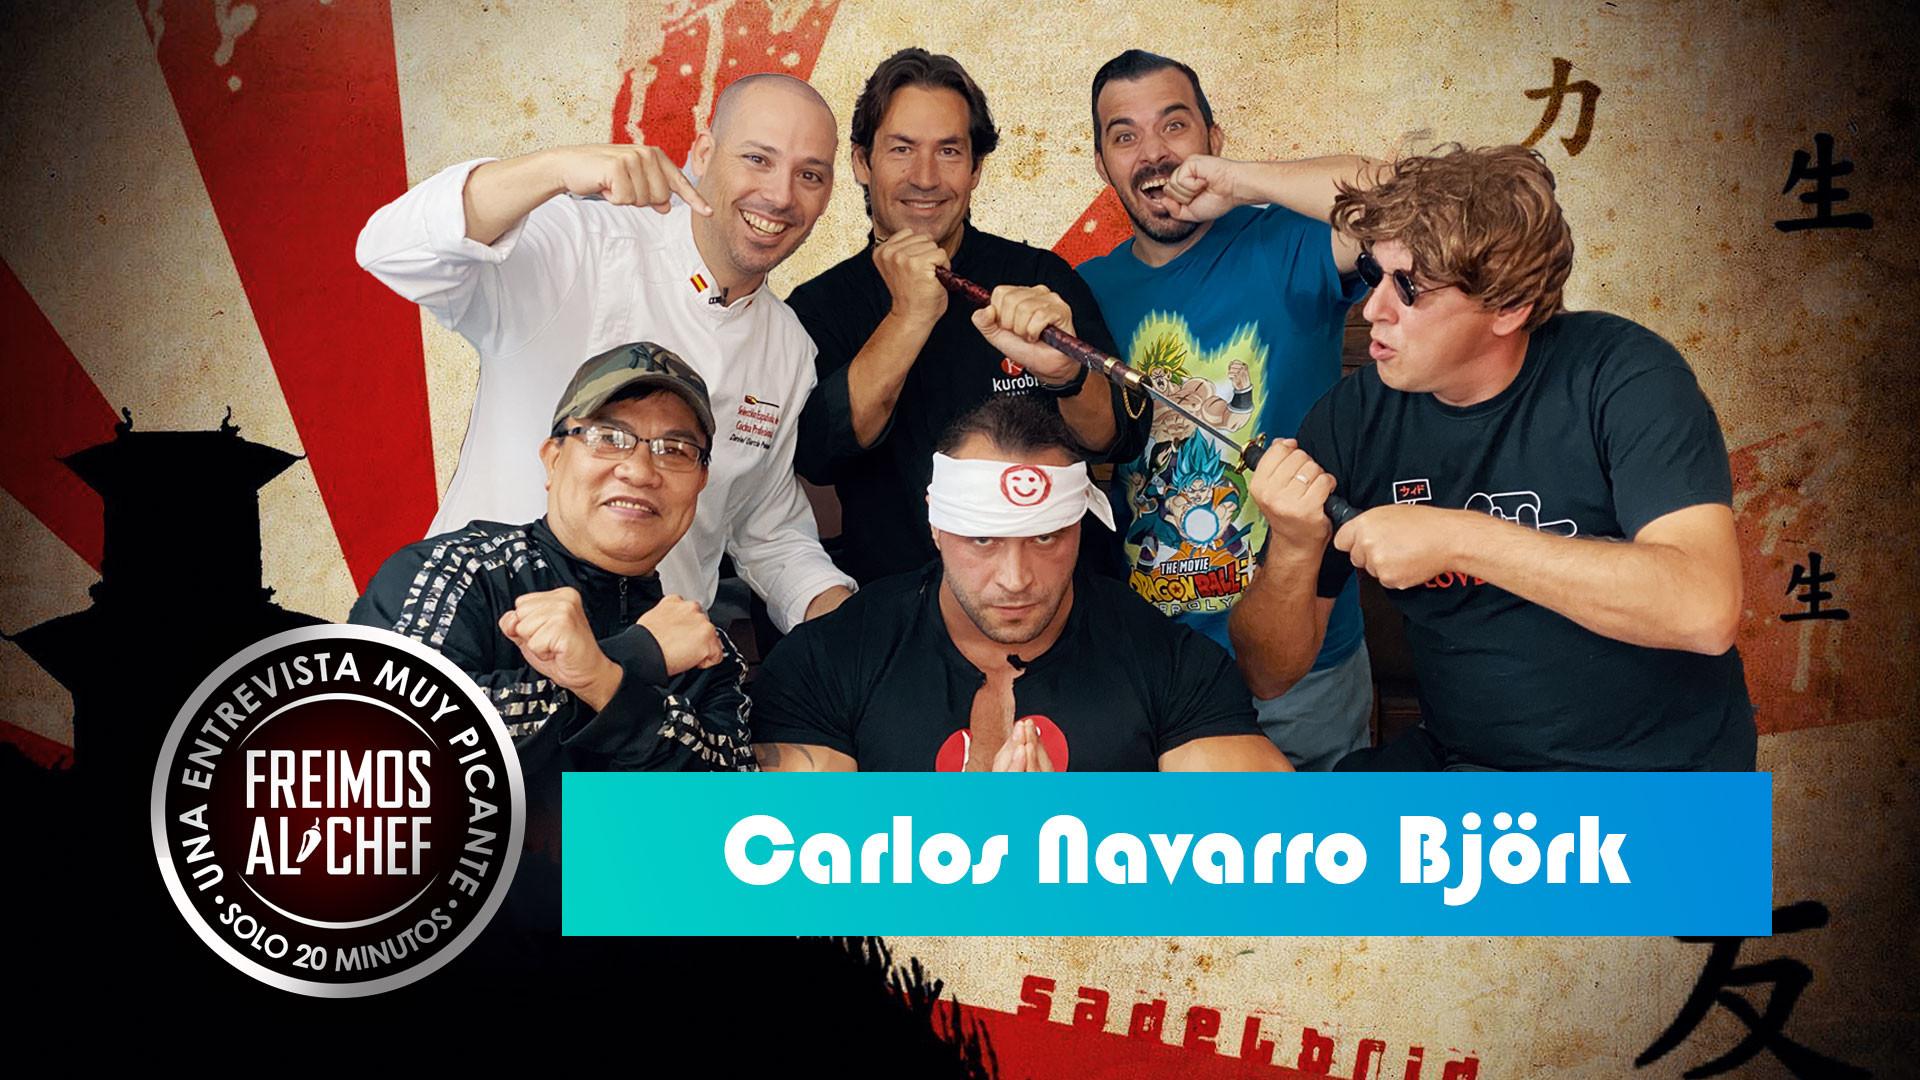 Freimos Al Chef - Carlos Navarro